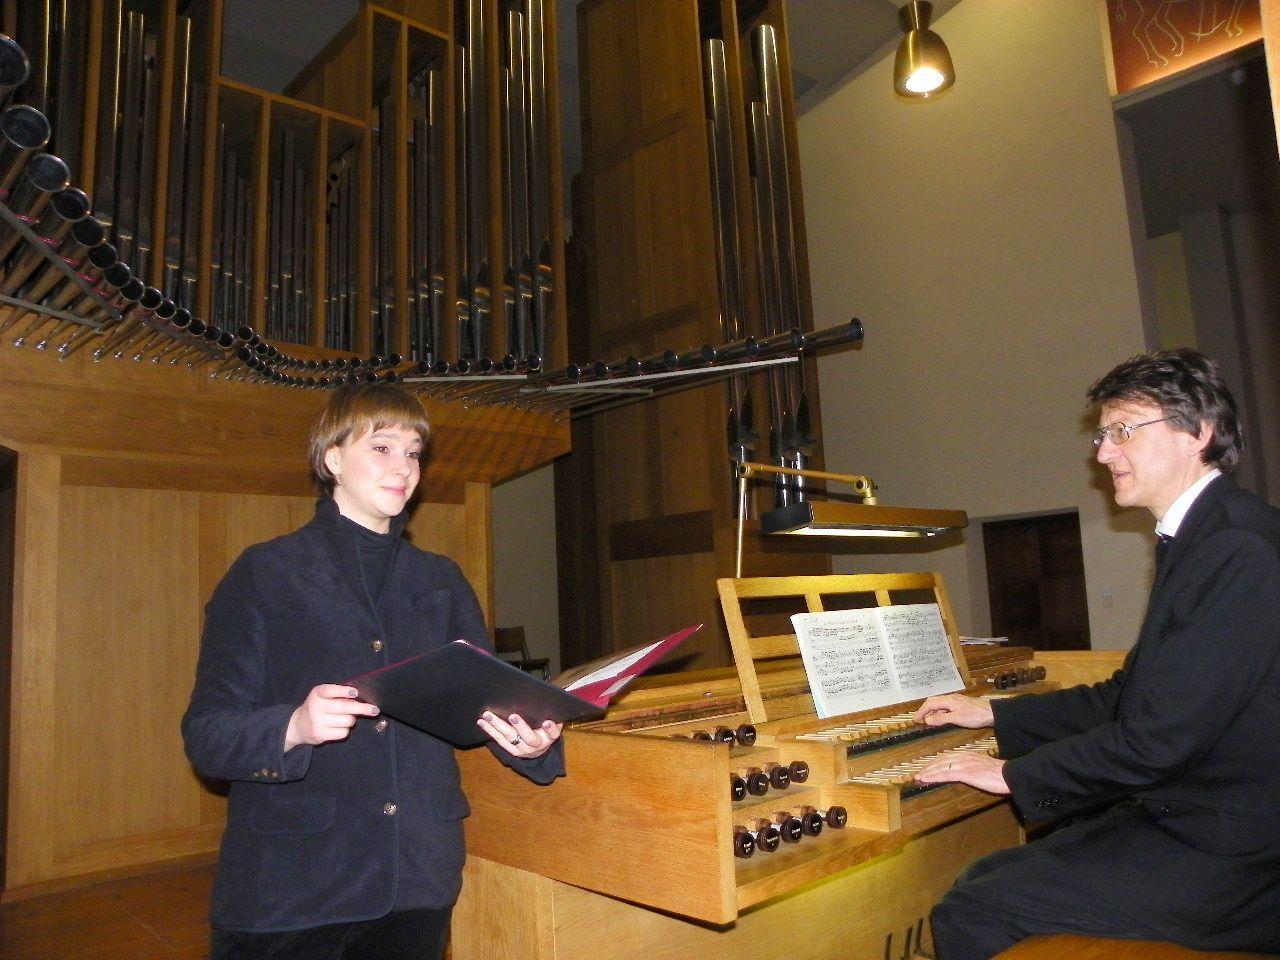 Sopranistin Miriam Feuersinger und Organist Helmut Binder